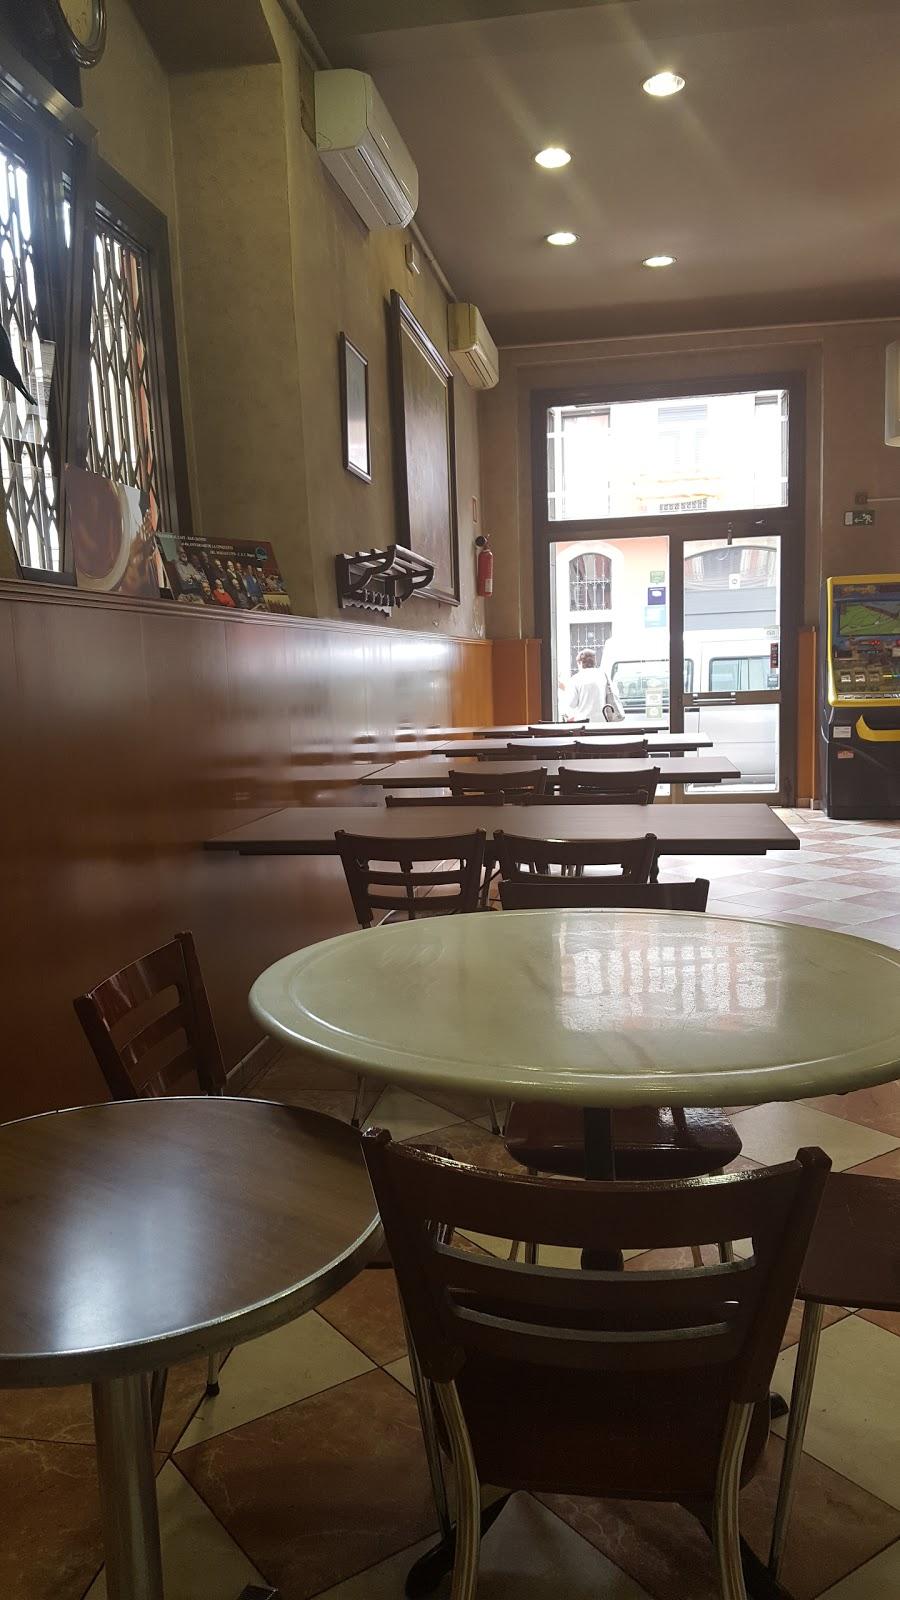 Cafe Restaurante Chinito